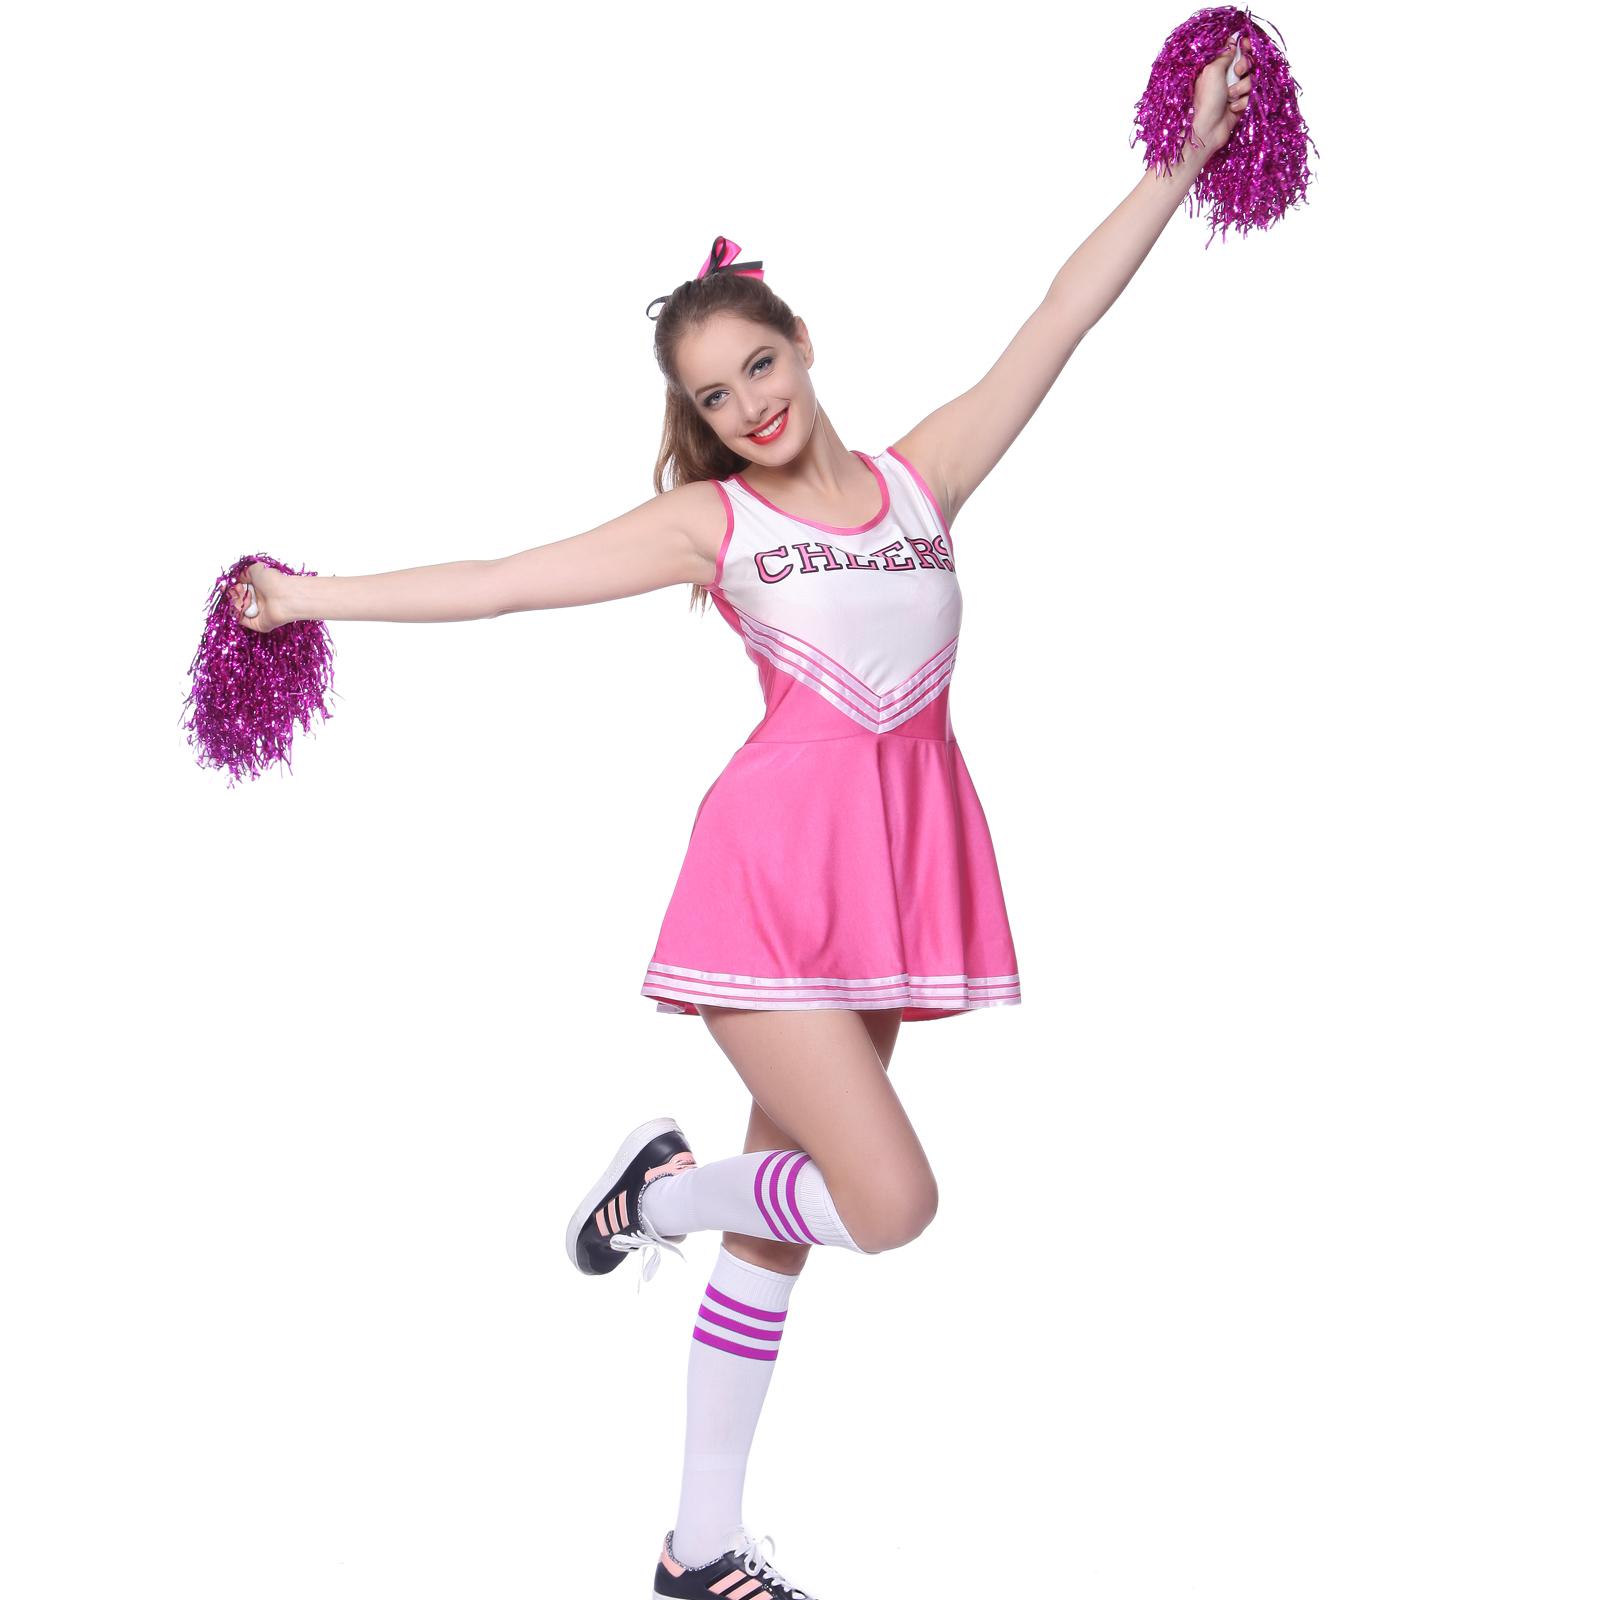 damenkost m cheerleader kost m uniform m dchen minirock sport fest mit pompons ebay. Black Bedroom Furniture Sets. Home Design Ideas